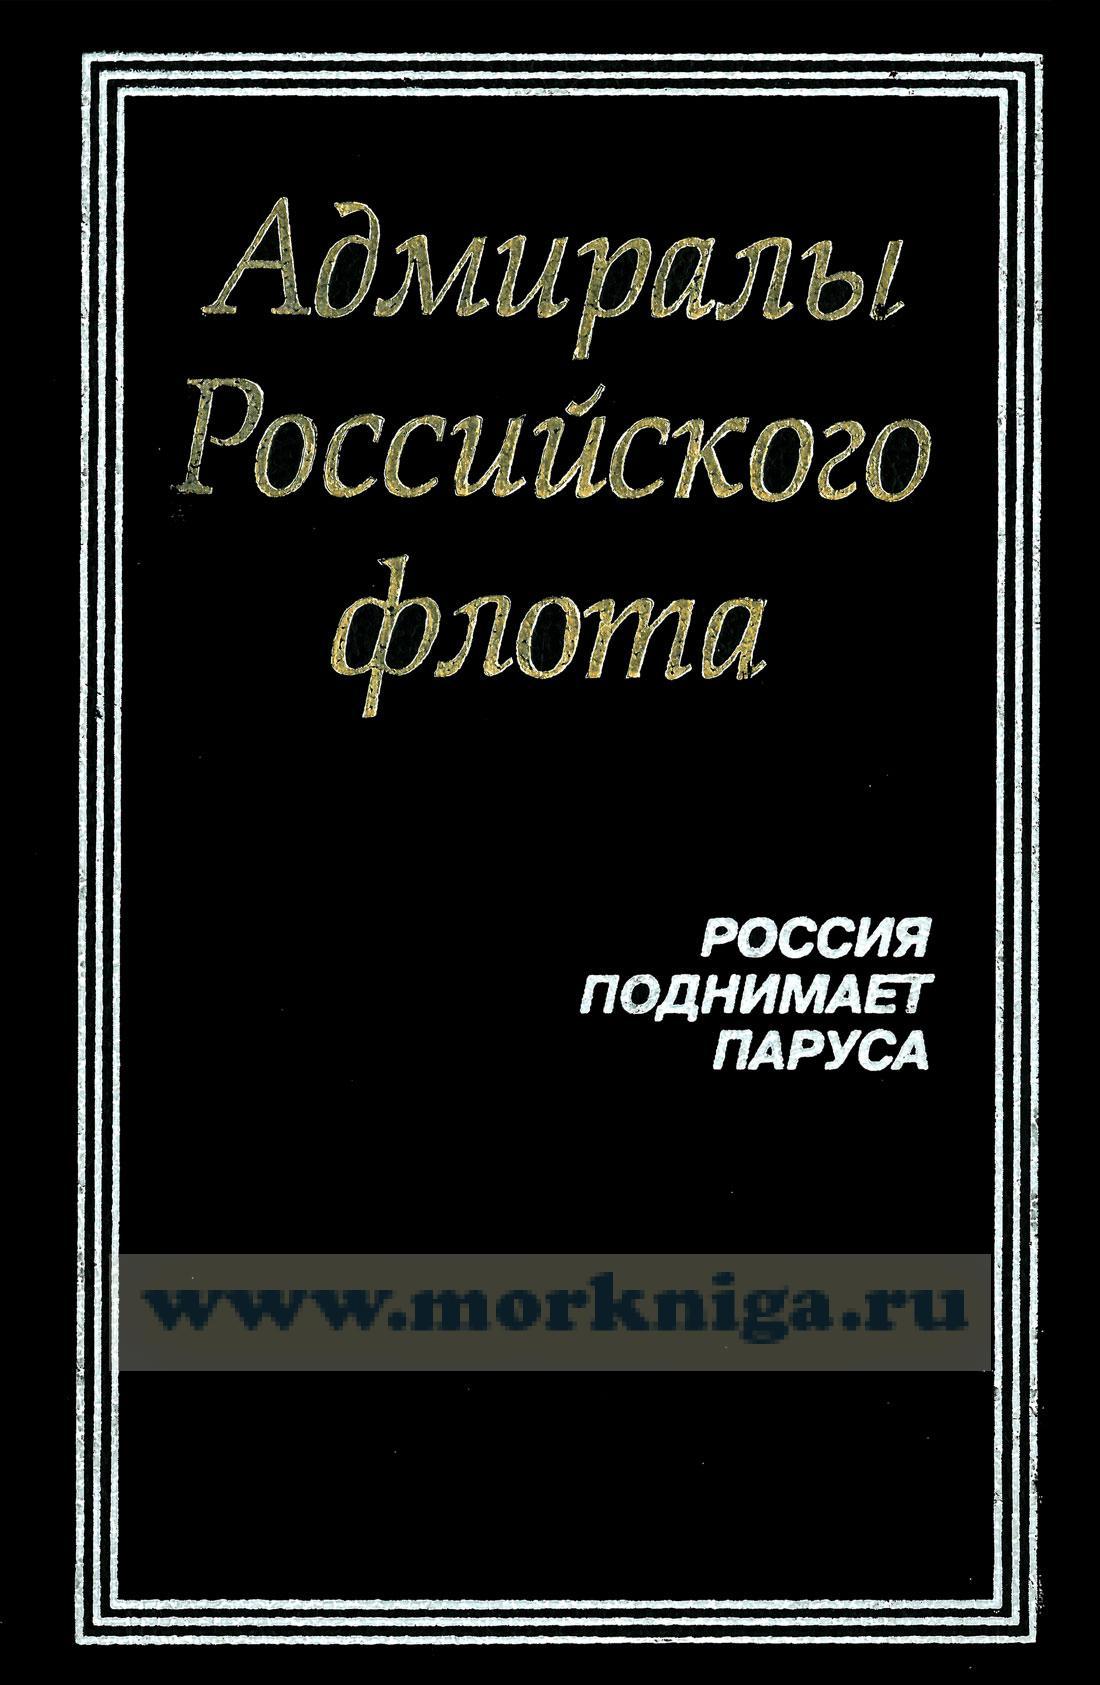 Адмиралы Российского флота. Россия поднимает паруса